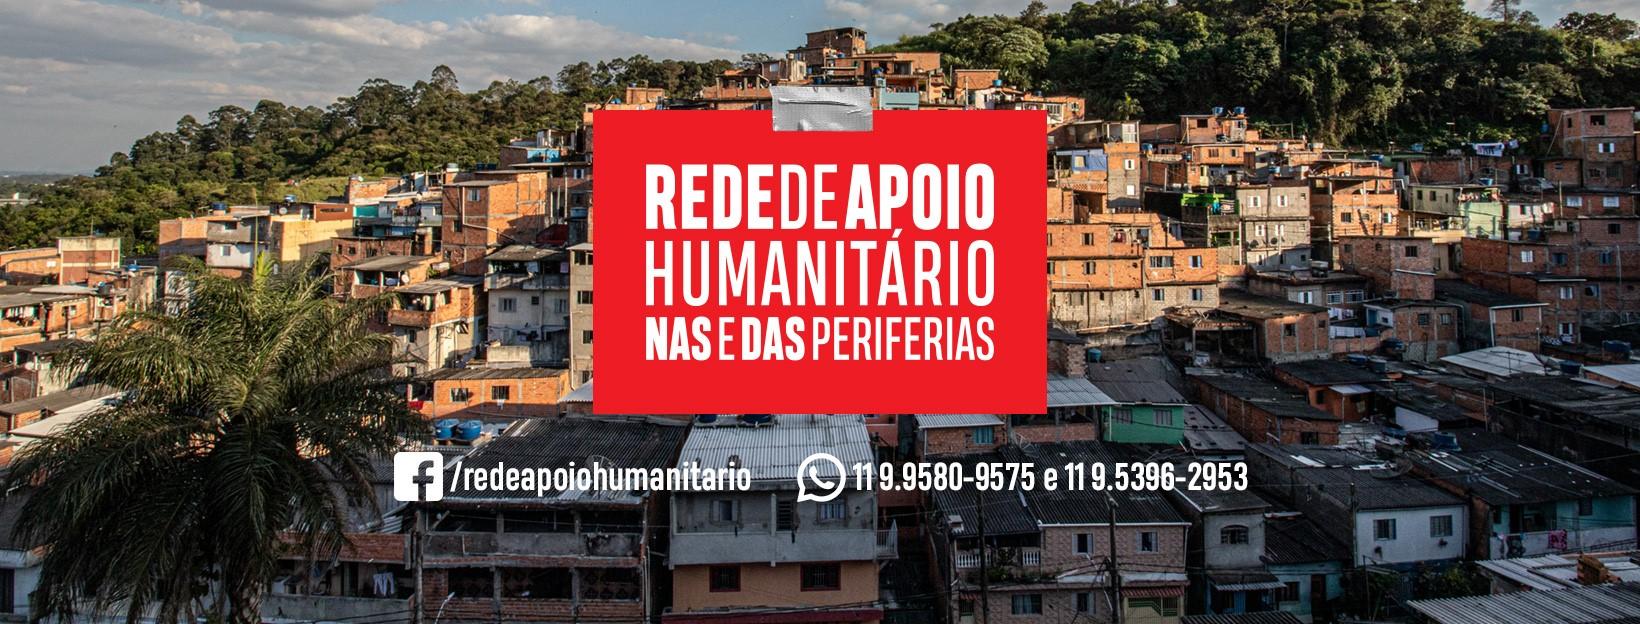 Rede de Apoio Humanitário nas e das Periferias é criada em São Paulo